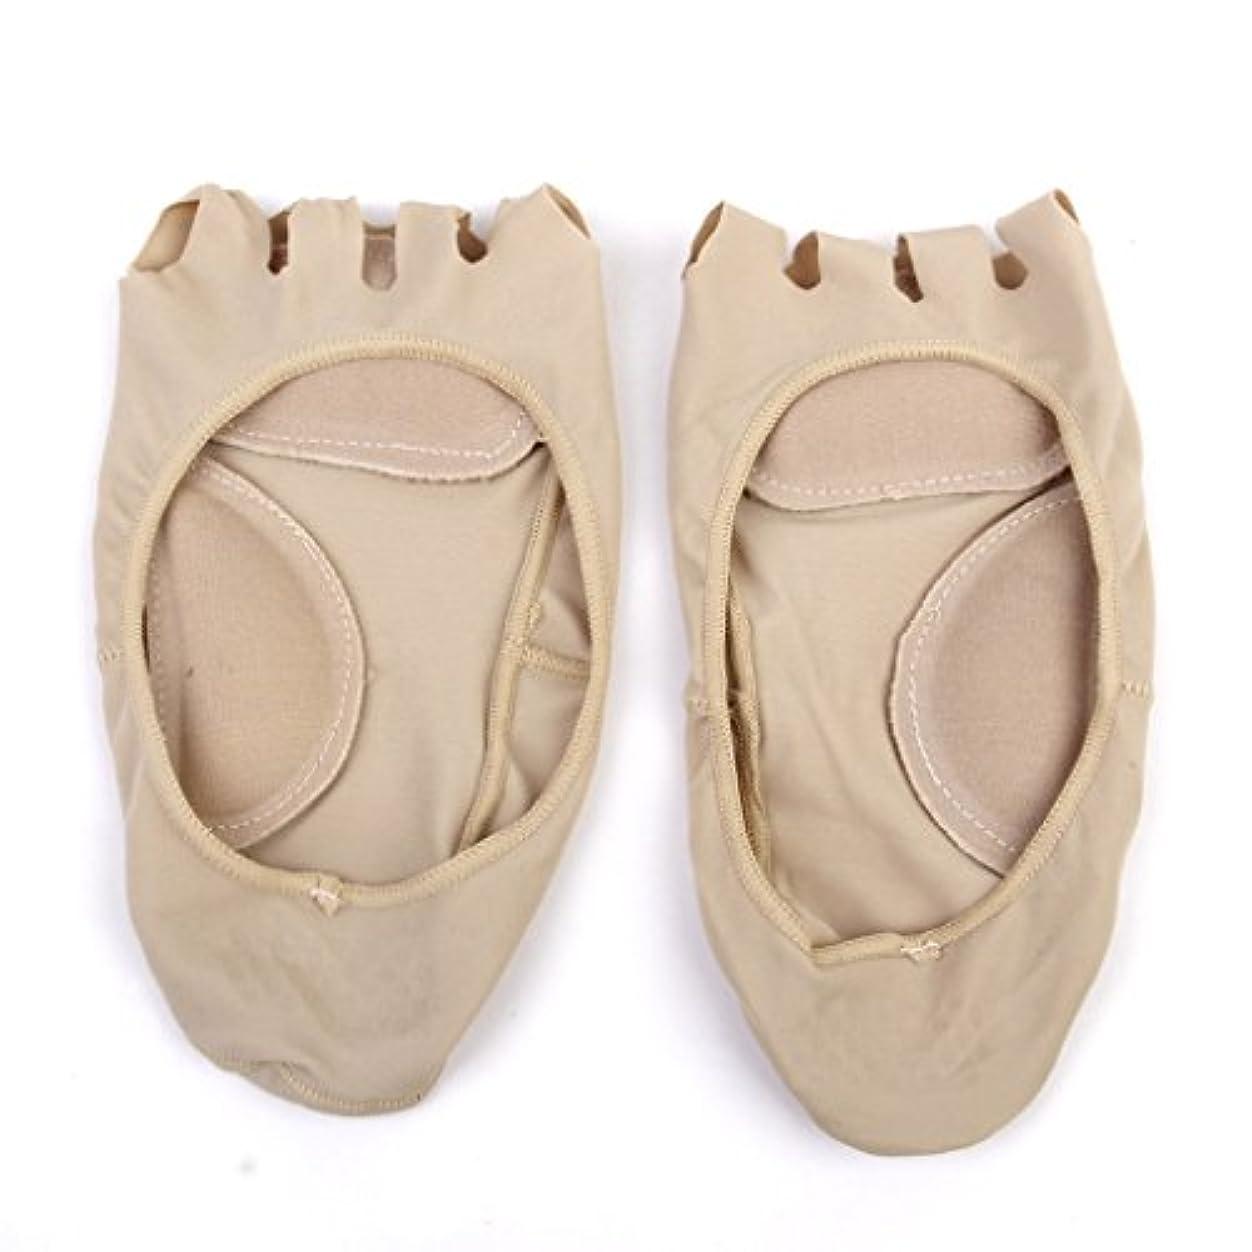 並外れたポジティブけん引【Footful】ソックス 靴下 5つ本指つま先 ボートソックス マッサージパッド 見えない 滑り止め アンクルソックス (ヌード)